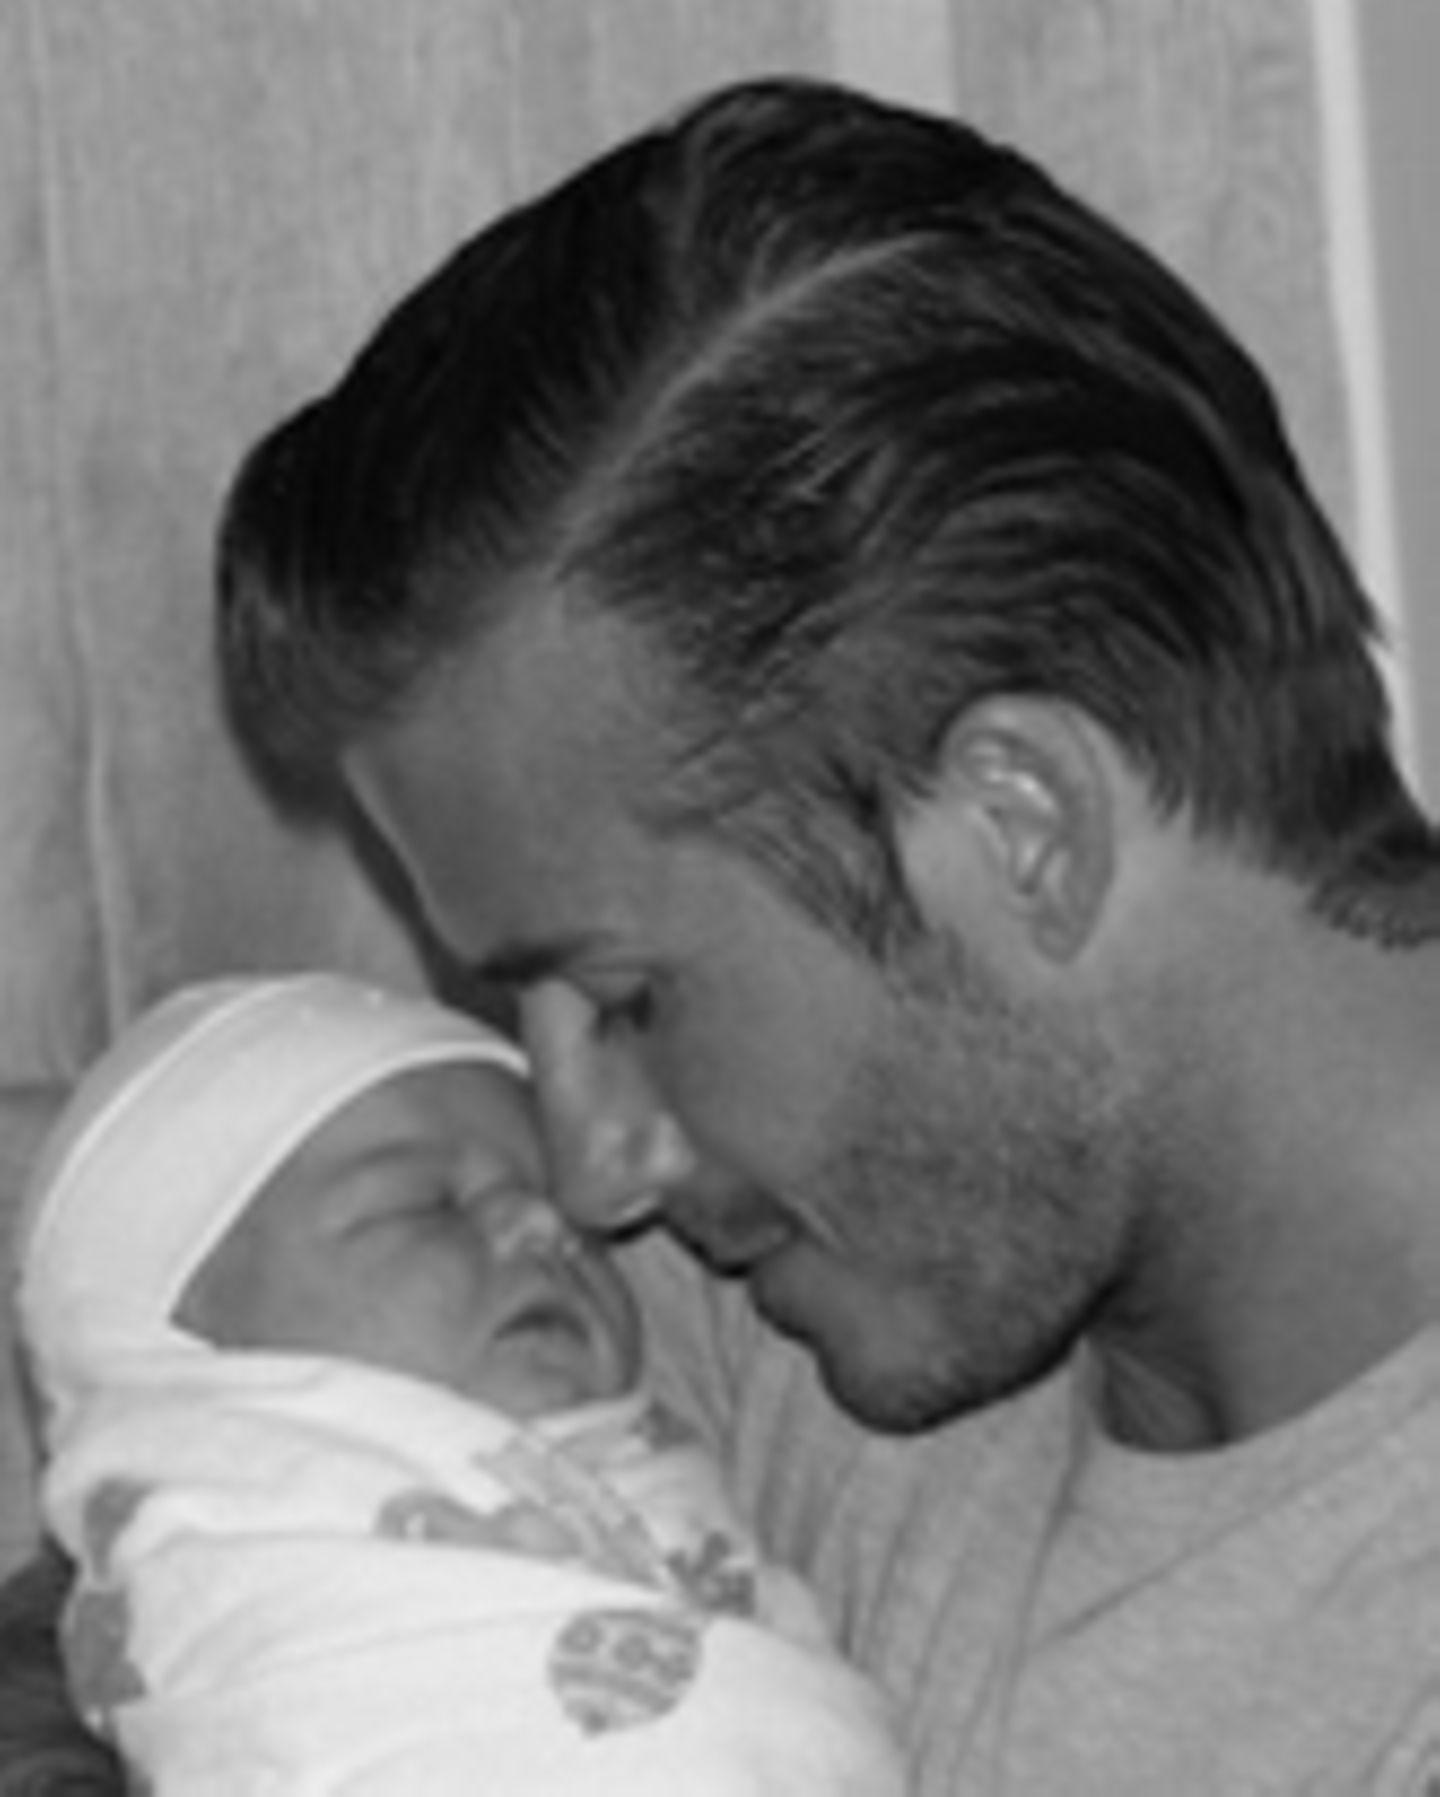 David Beckham, Victoria Bechkam